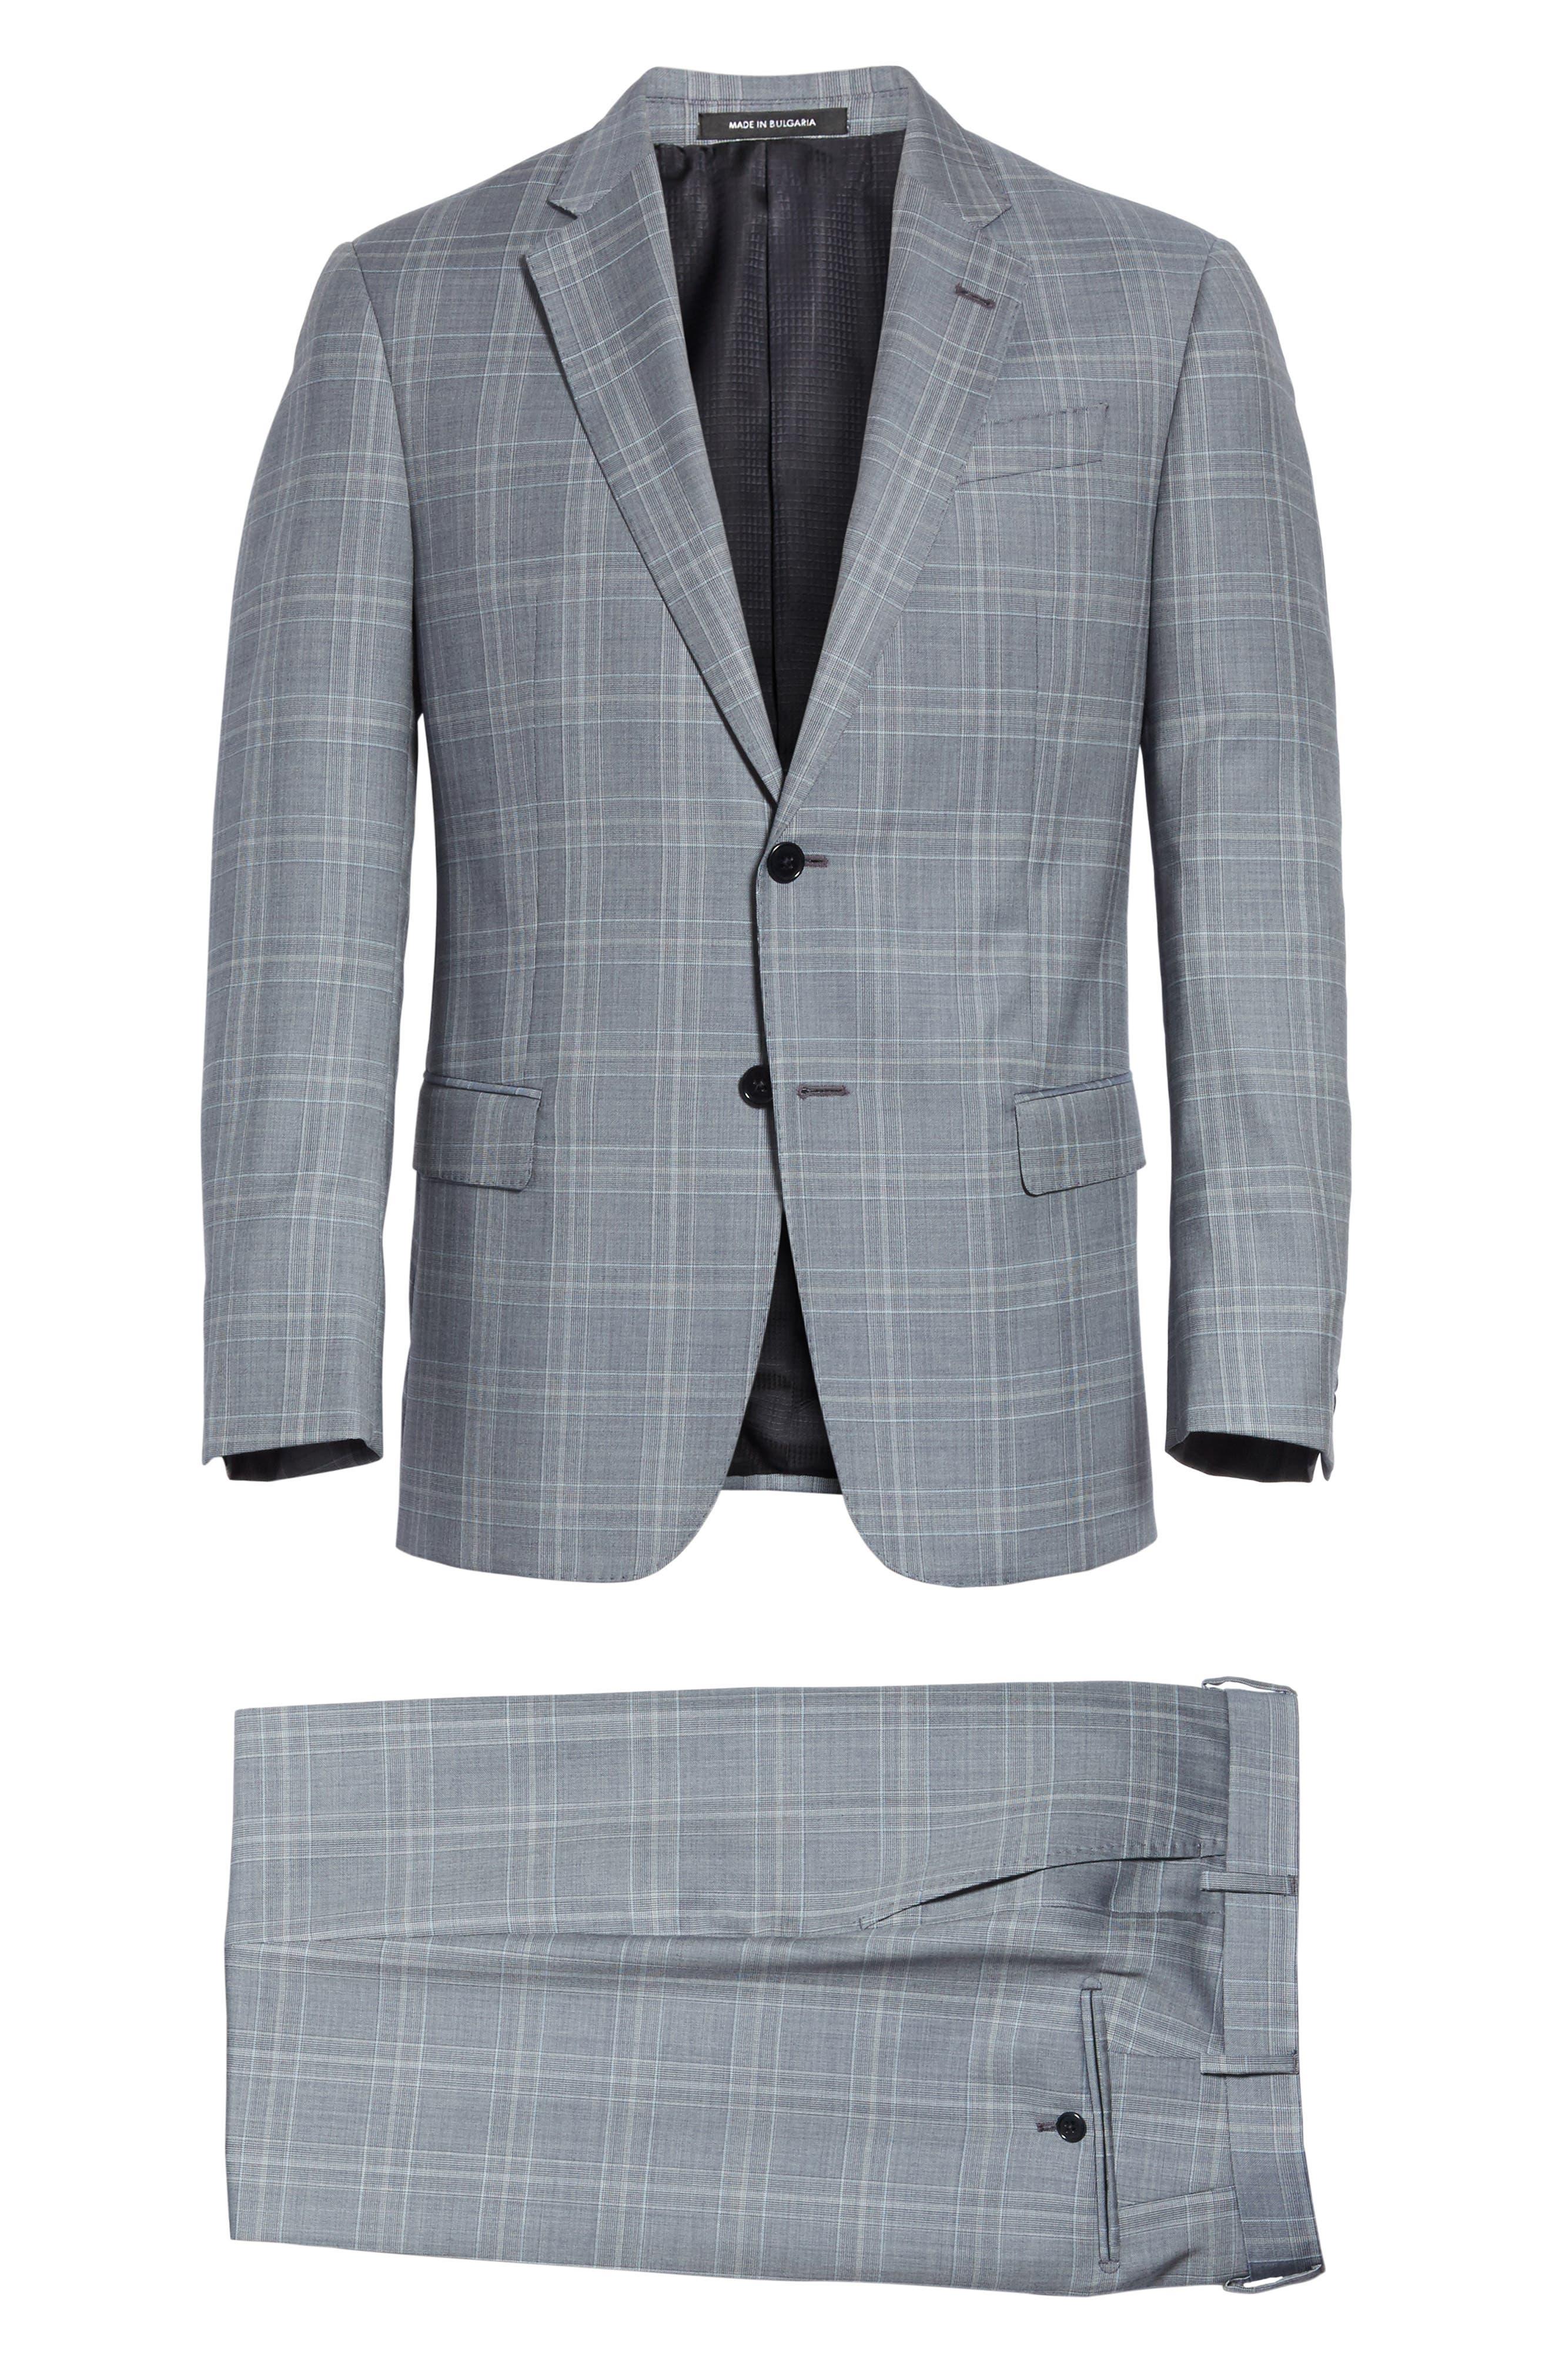 G-Line Trim Fit Plaid Wool Suit,                             Alternate thumbnail 8, color,                             Grey